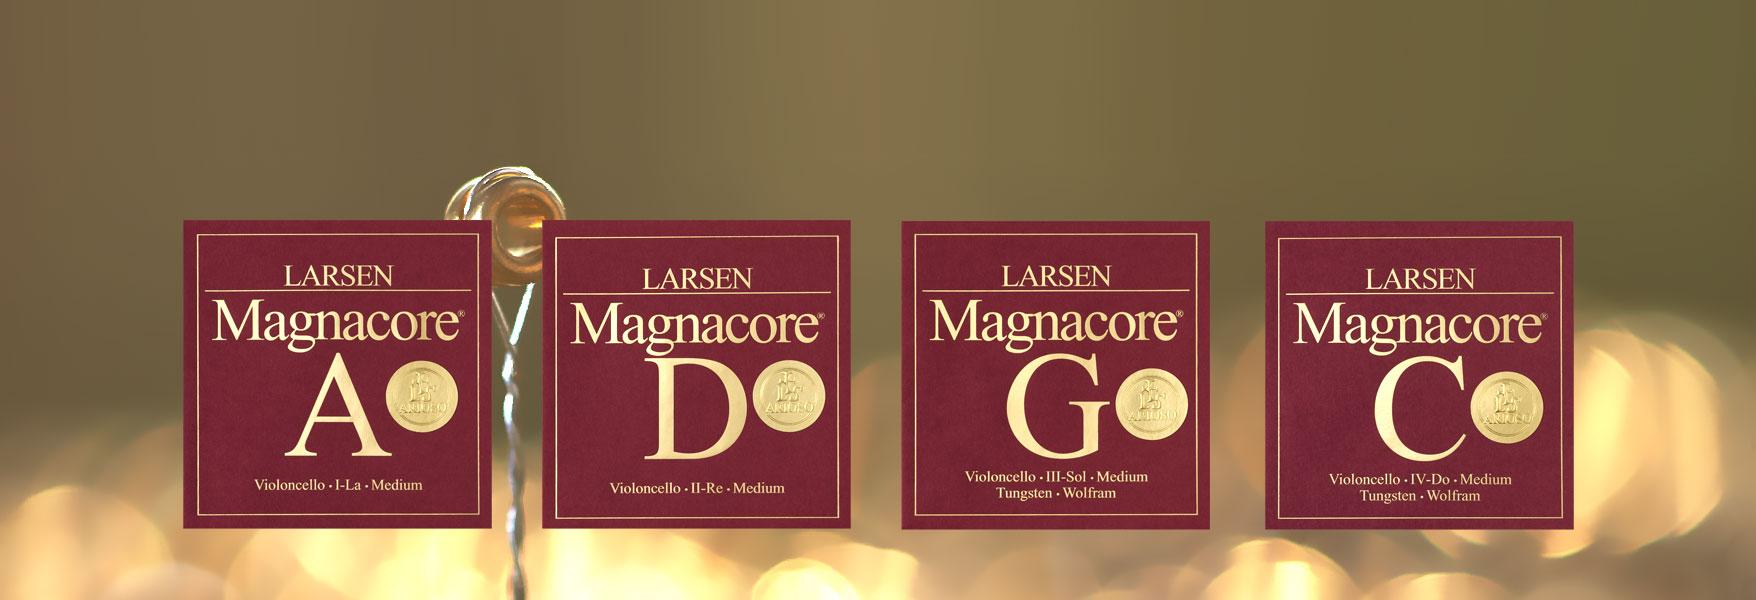 Larsen Magnacore ® Arioso